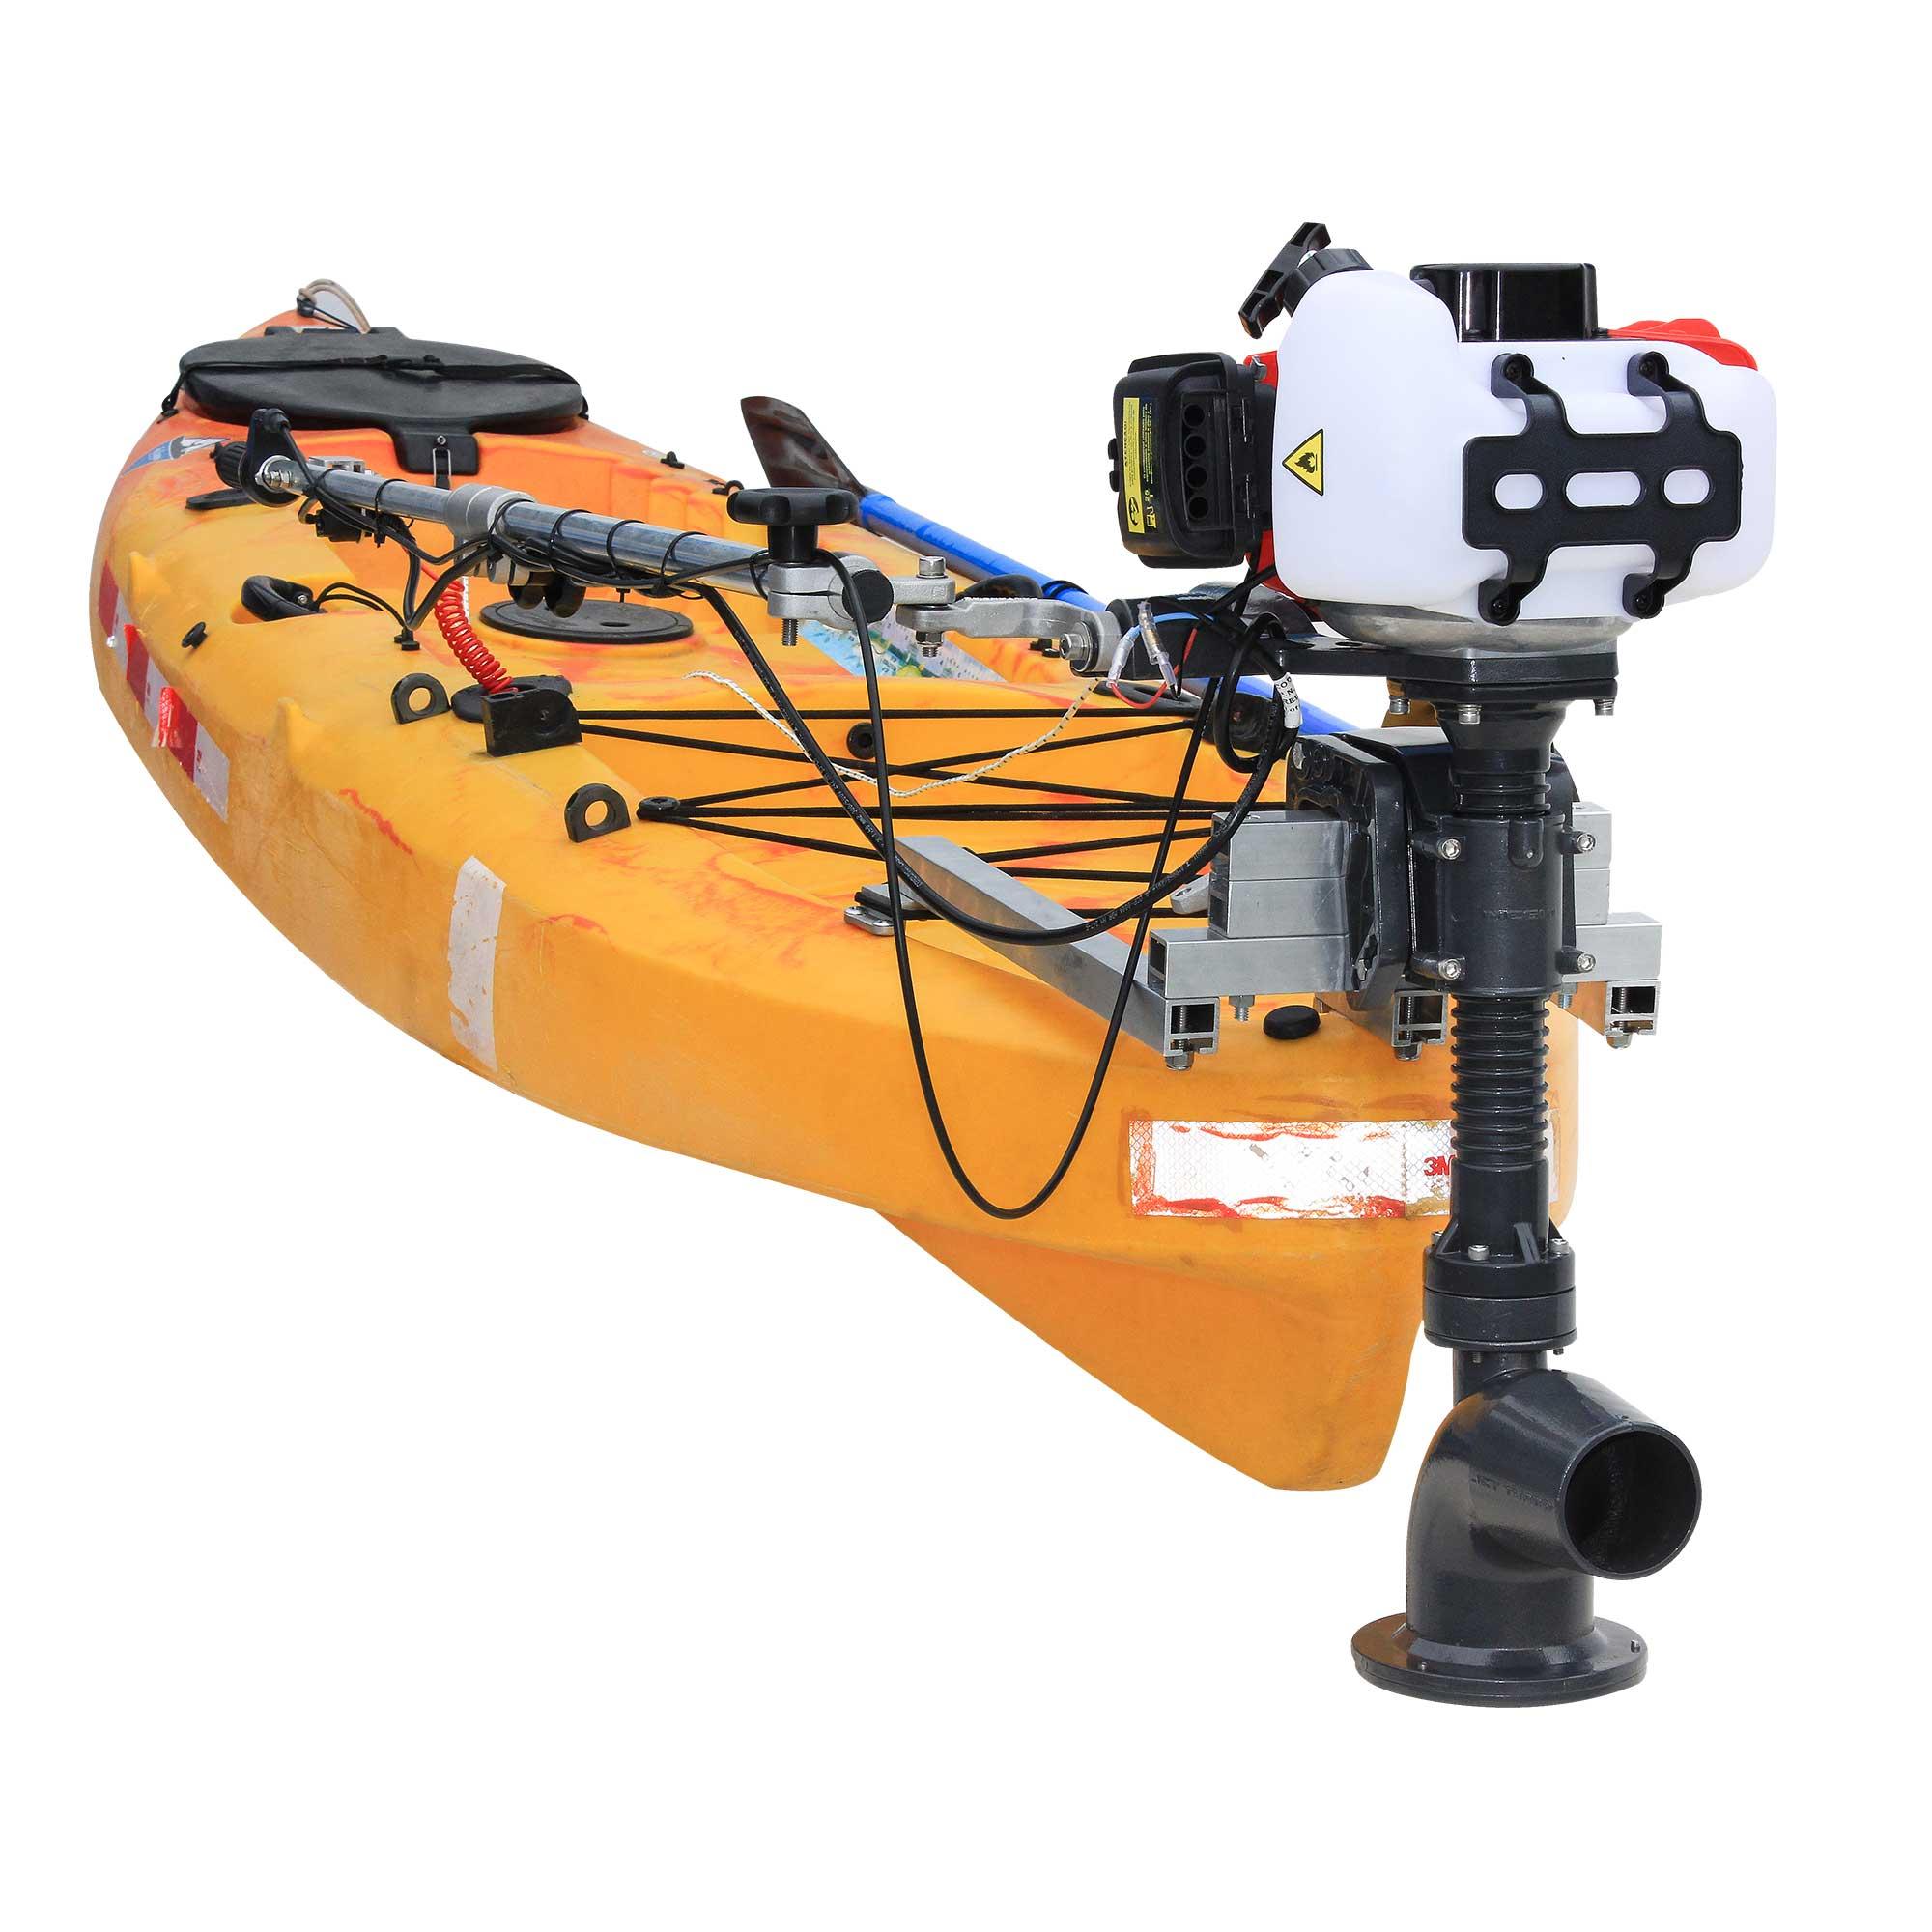 Kit Jet Turbo Cut Pantaneiro + acelerador remoto + Suporte traseiro Barracuda